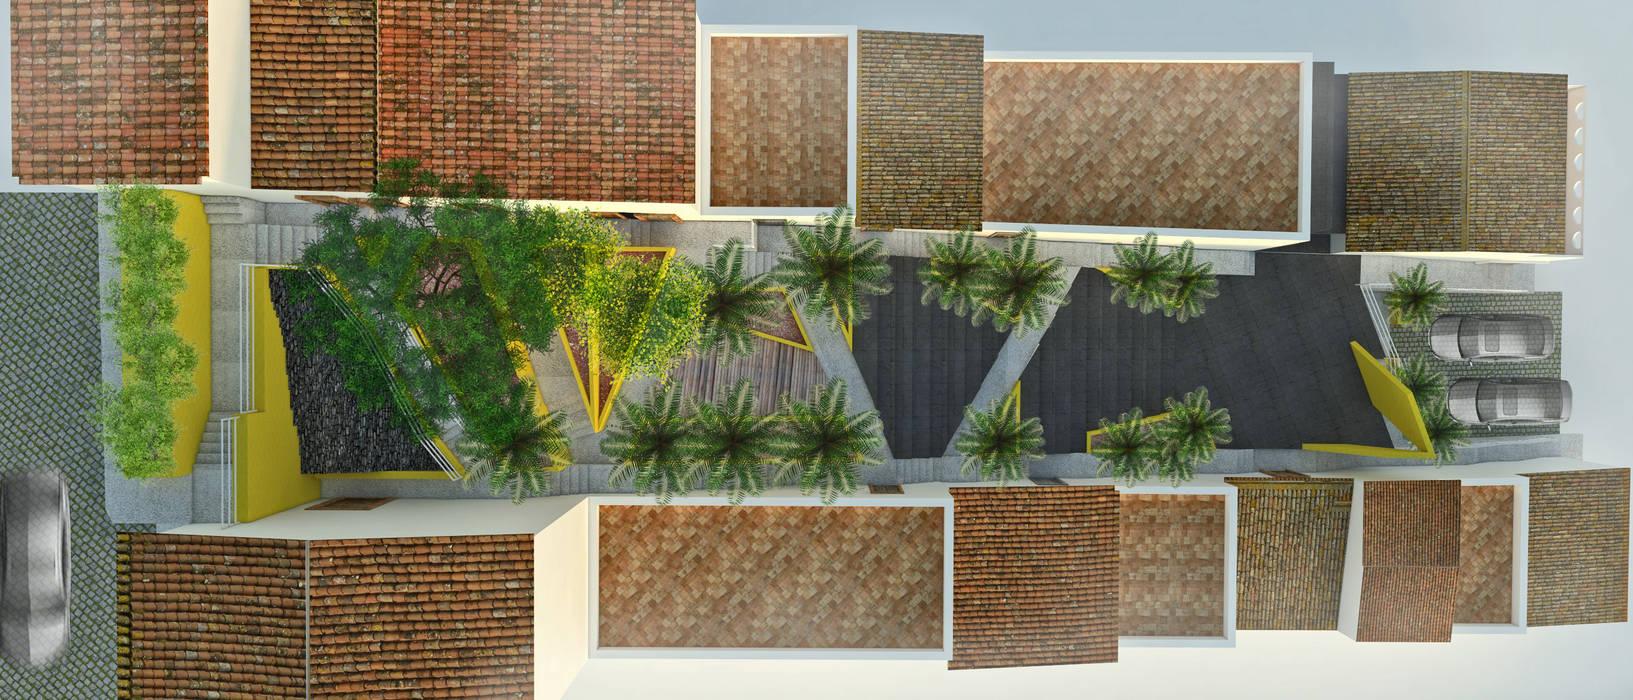 Taller/MT Modern garden